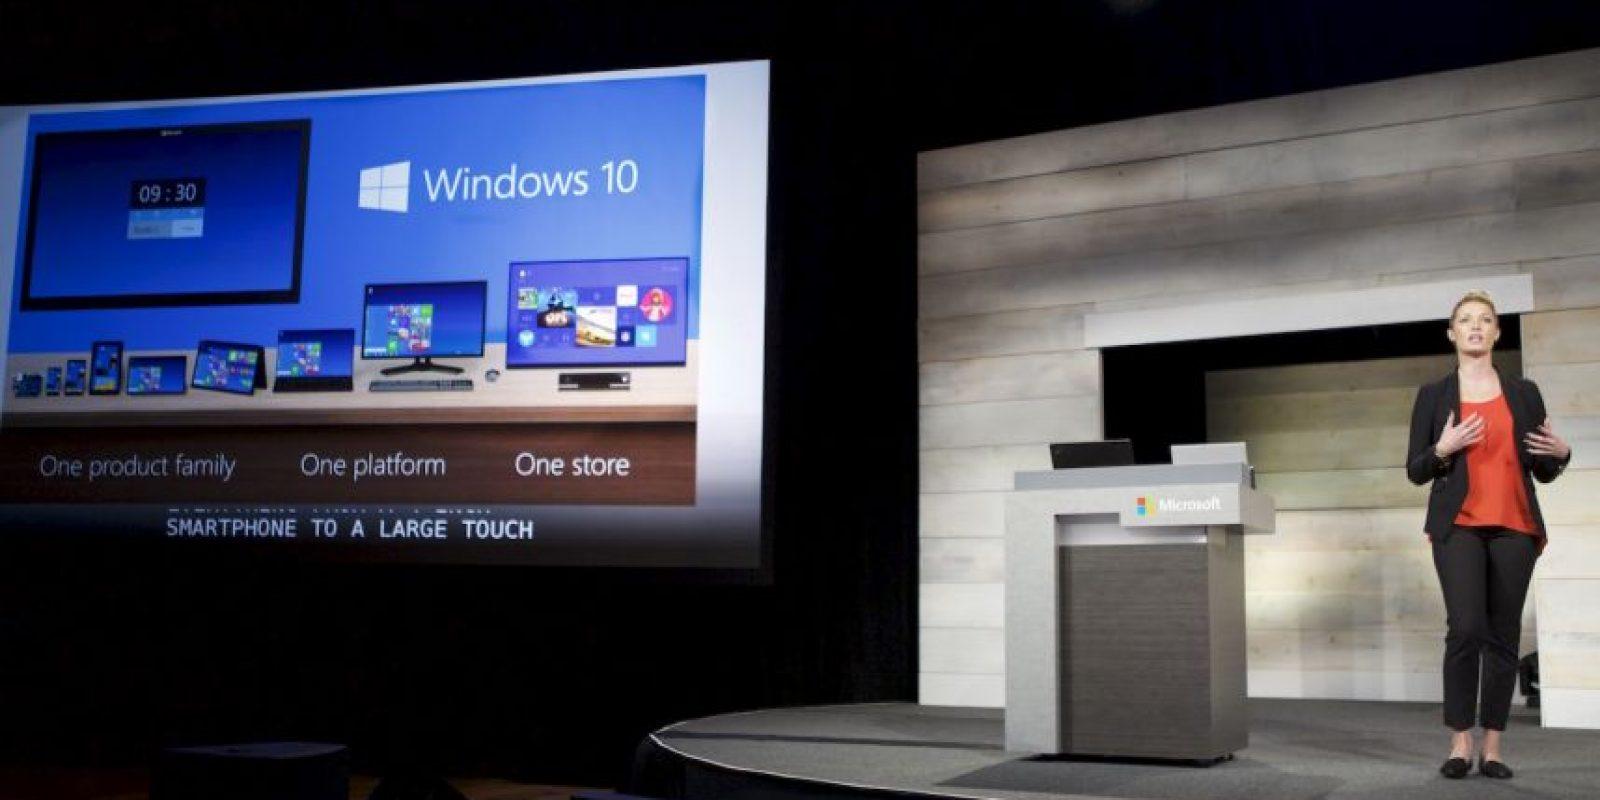 Este sistema funciona tal cual como el Windows Phone, lo que resulta muy agradable en cuanto a diseño y movilidad Foto:Getty